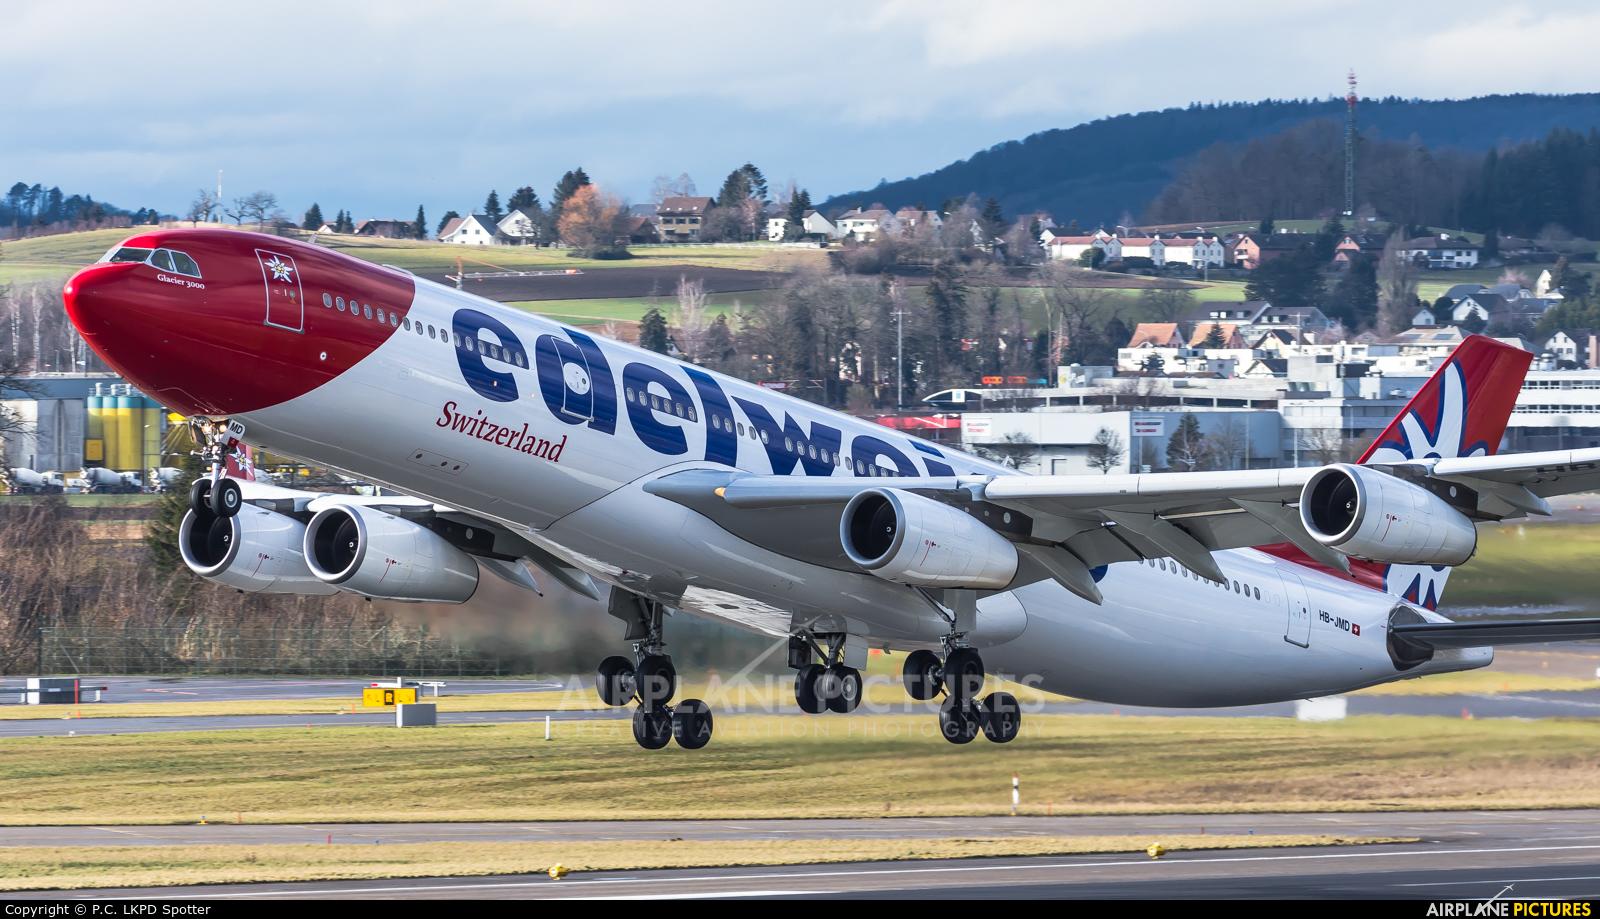 Edelweiss HB-JMD aircraft at Zurich